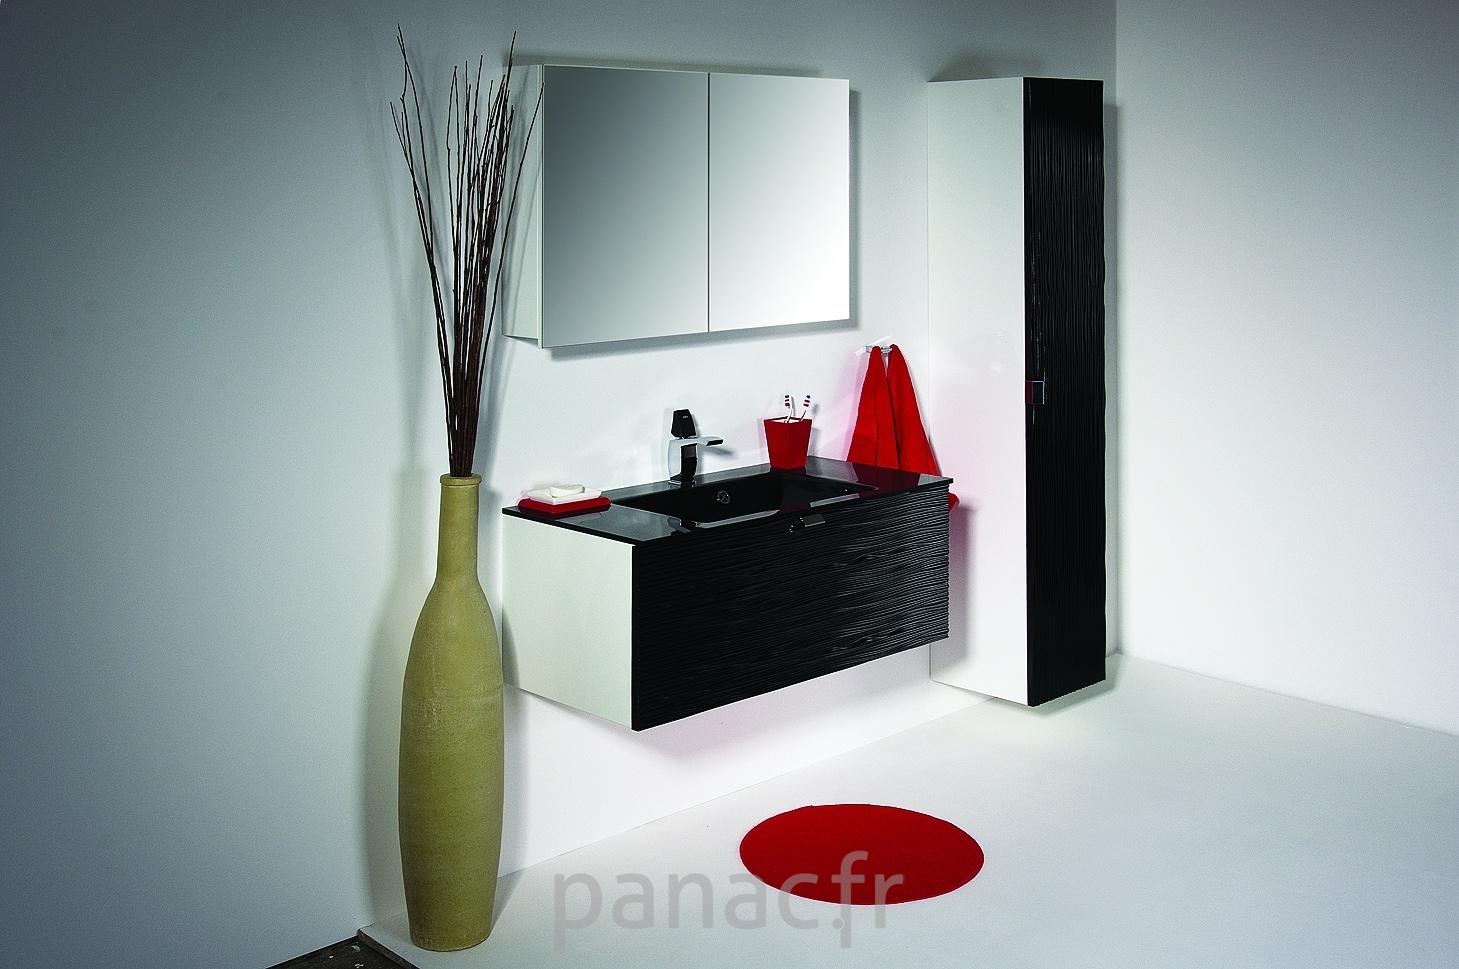 Salle de bain moderne, salle de bain design 30 panac fr.jpg